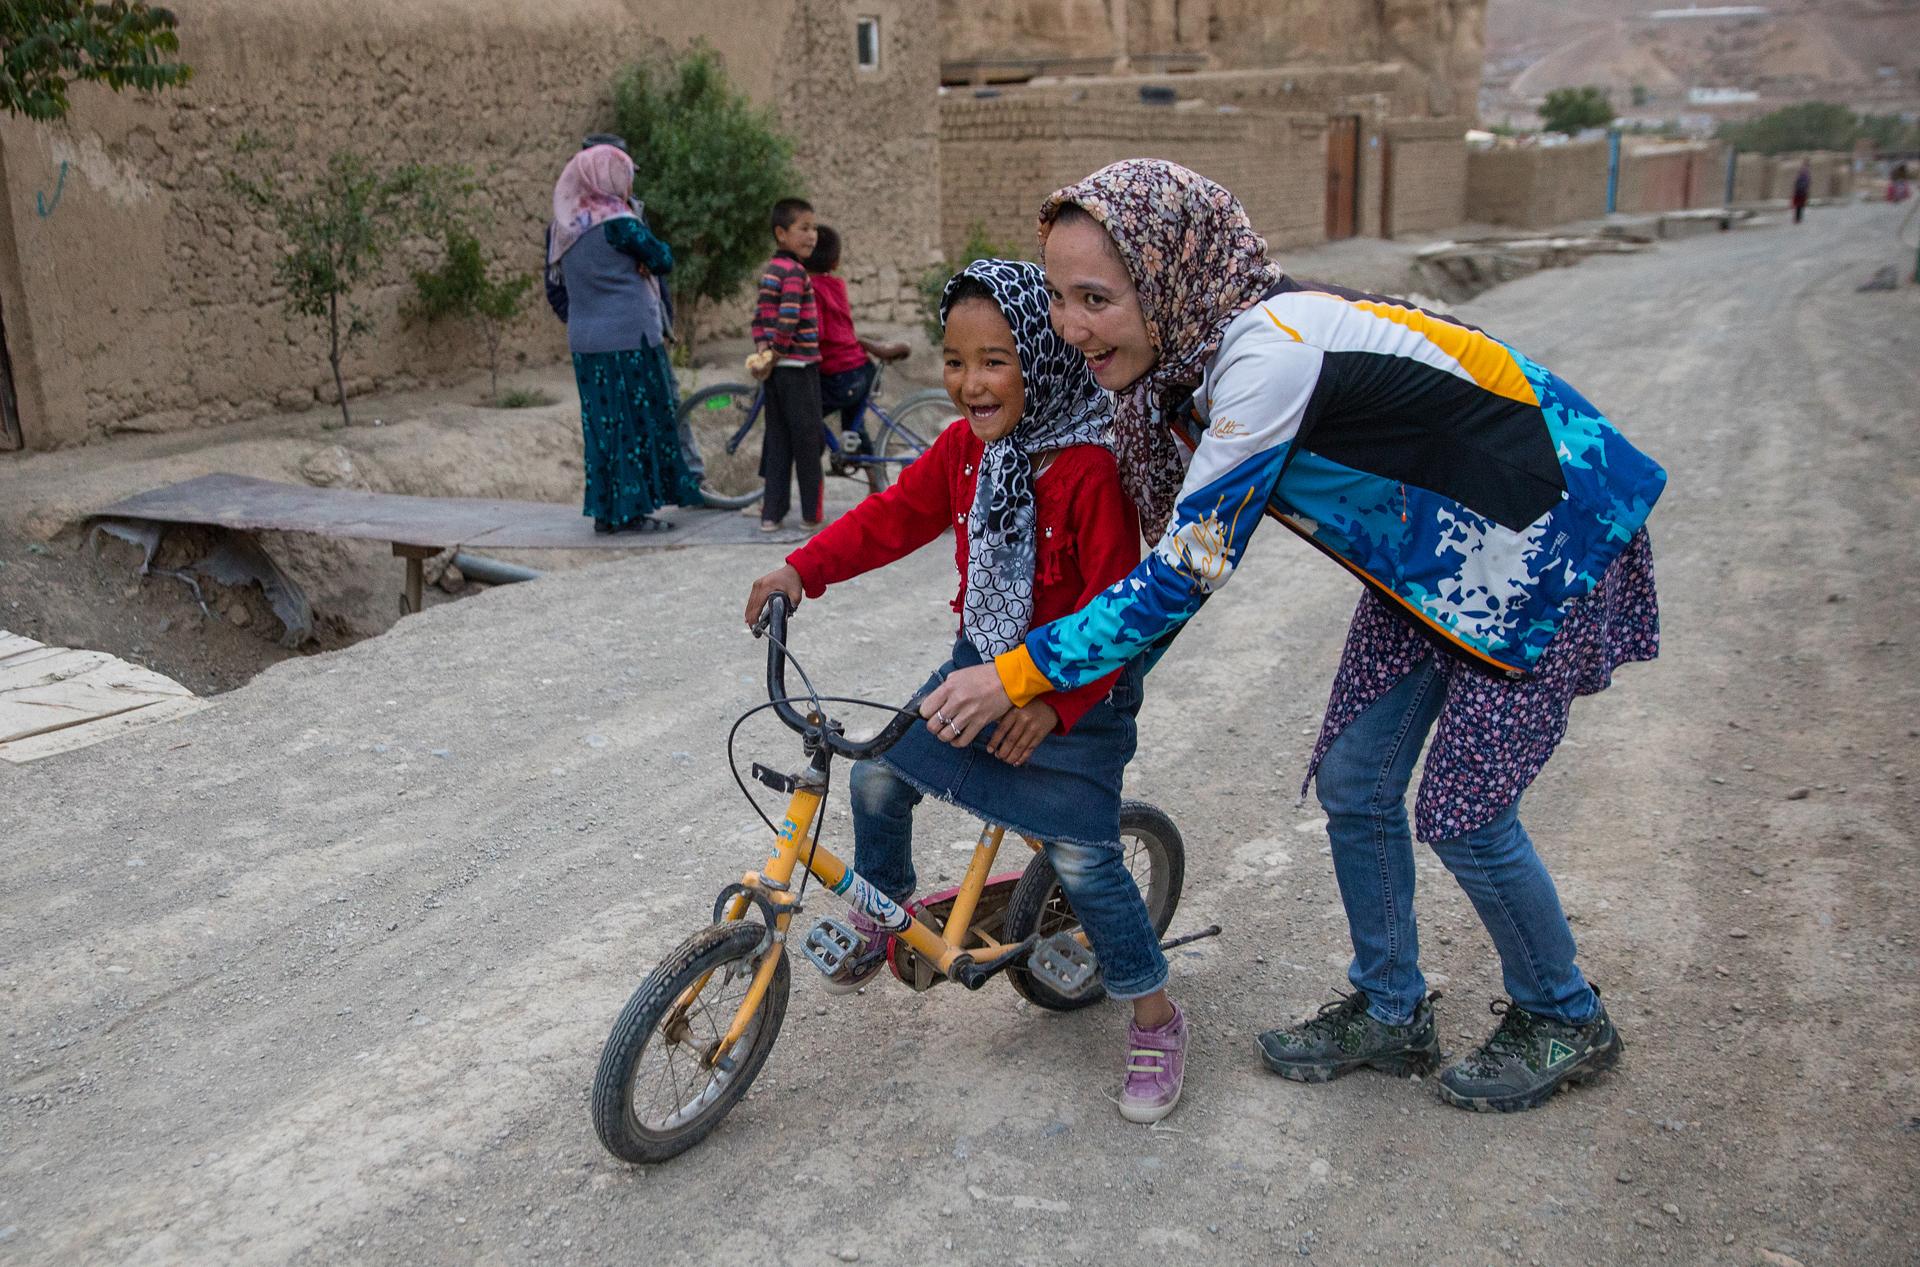 Zakia Mohammadhi, de 23 años de edad, empuja a su hermana menor, Honey, de 7 años de edad en bicicleta hasta su casa, que se encuentra en un camino de tierra hasta una colina que puede ser todo un reto para un niño. (Paula Bronstein)